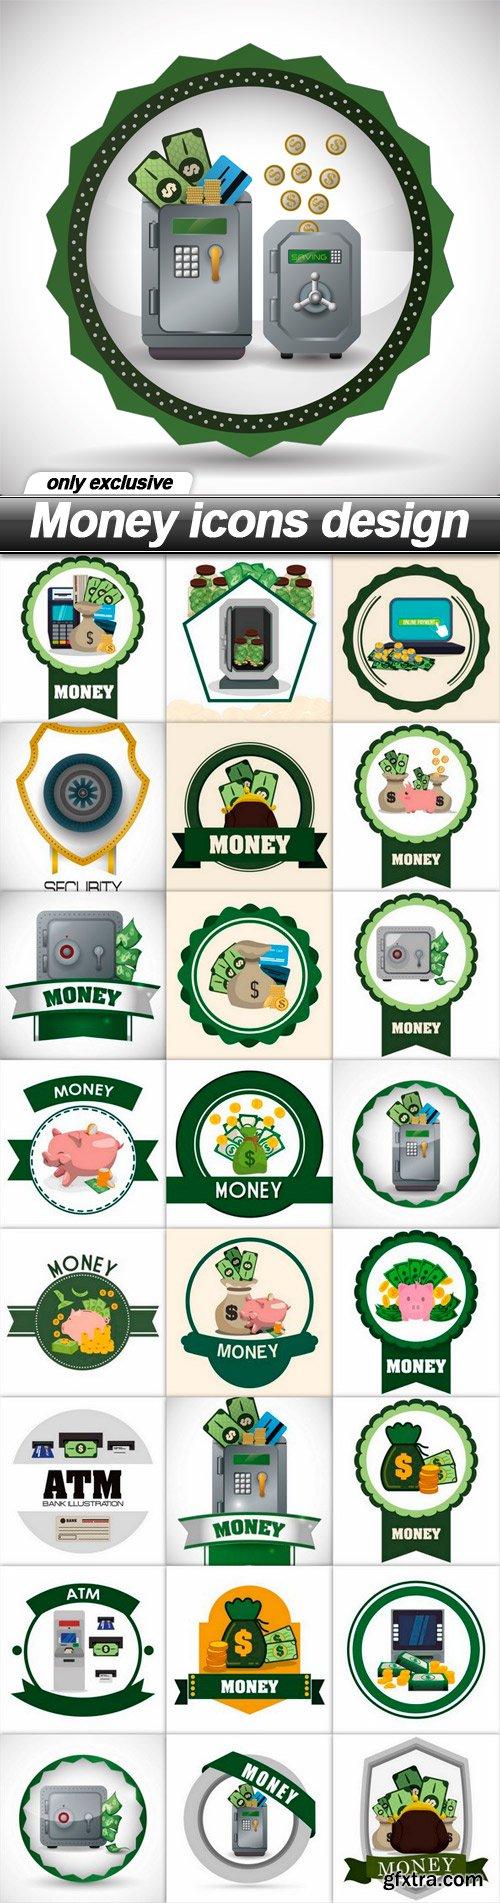 Money icons design - 25 EPS